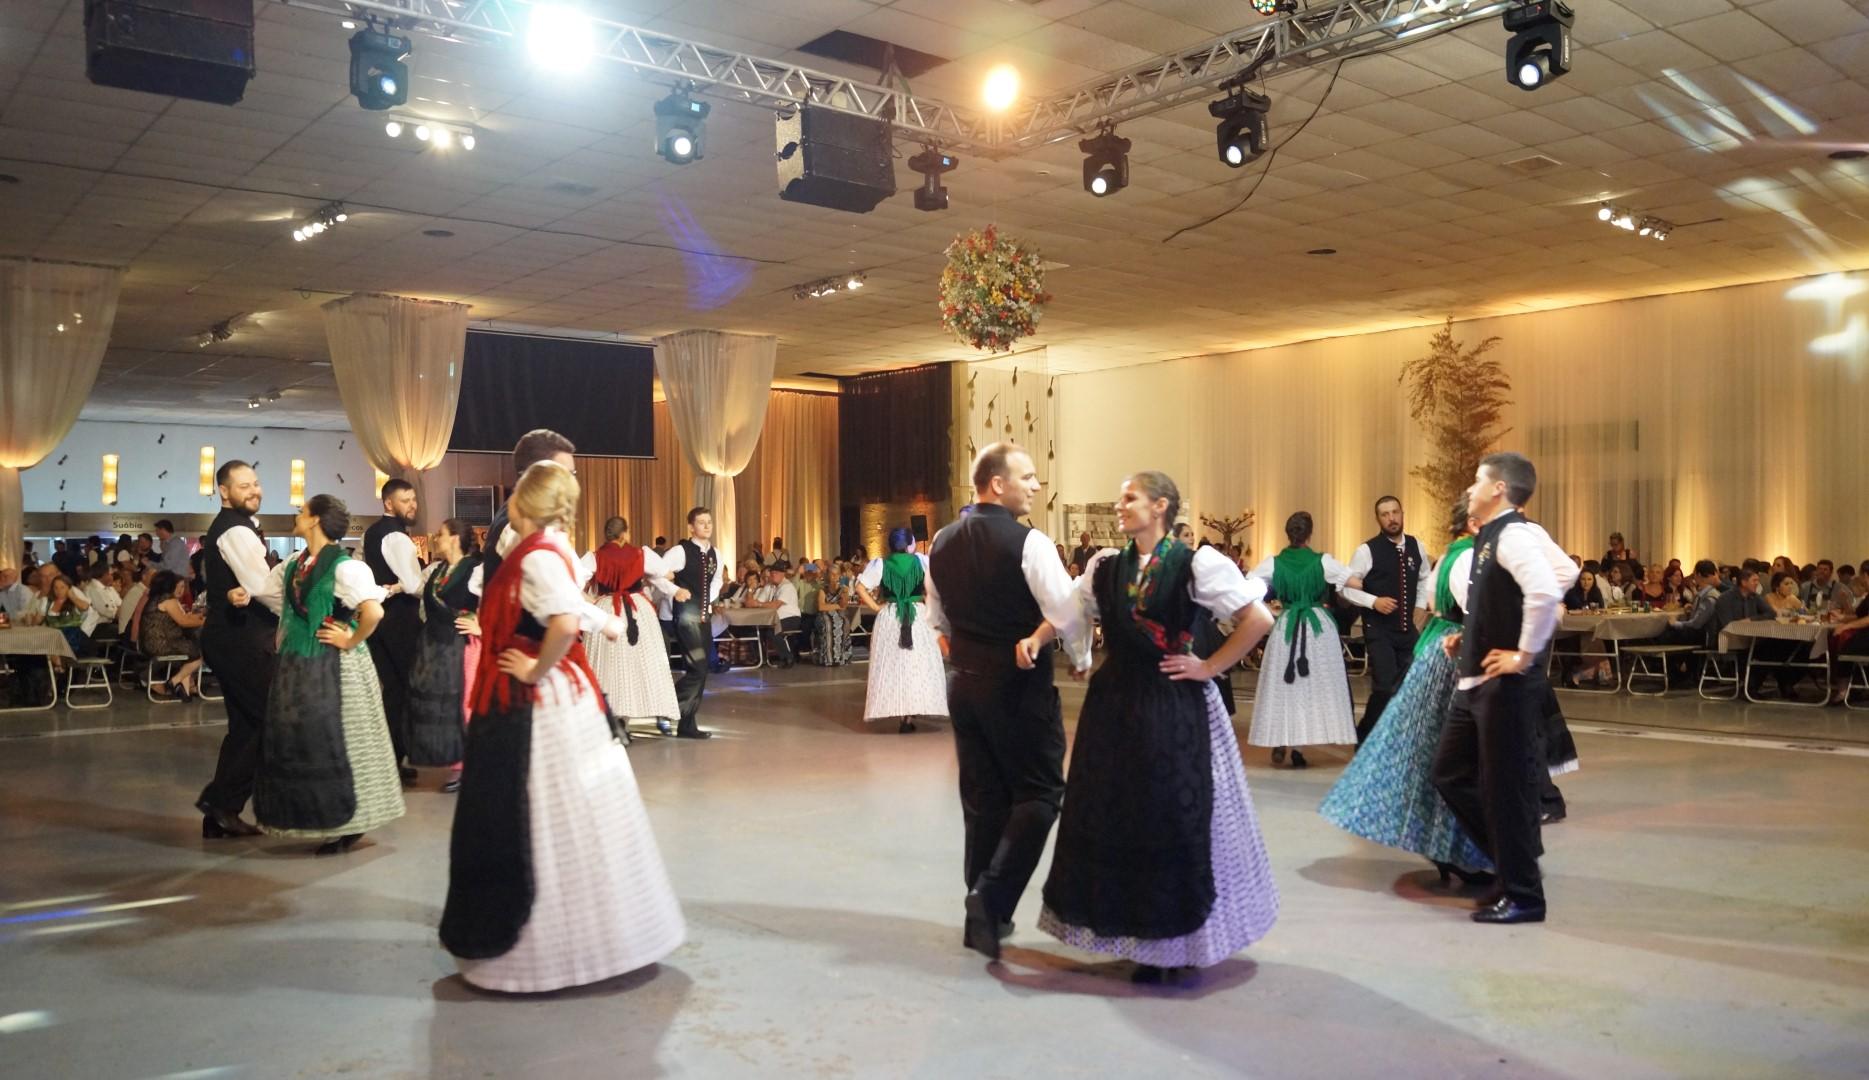 Gerstenfest - Schwabenball - 05/10/2019